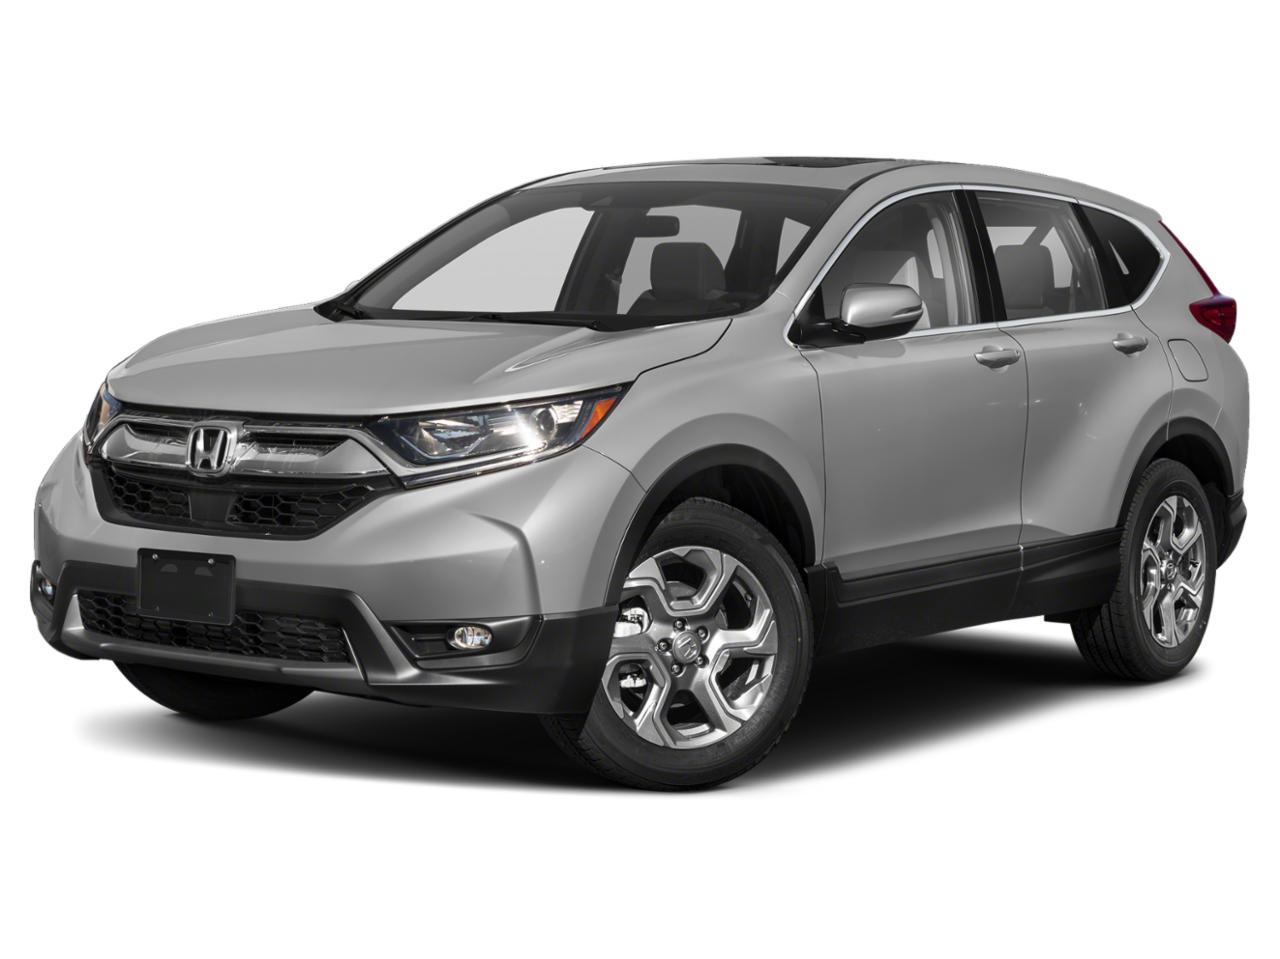 2019 Honda CR-V Vehicle Photo in Owensboro, KY 42303